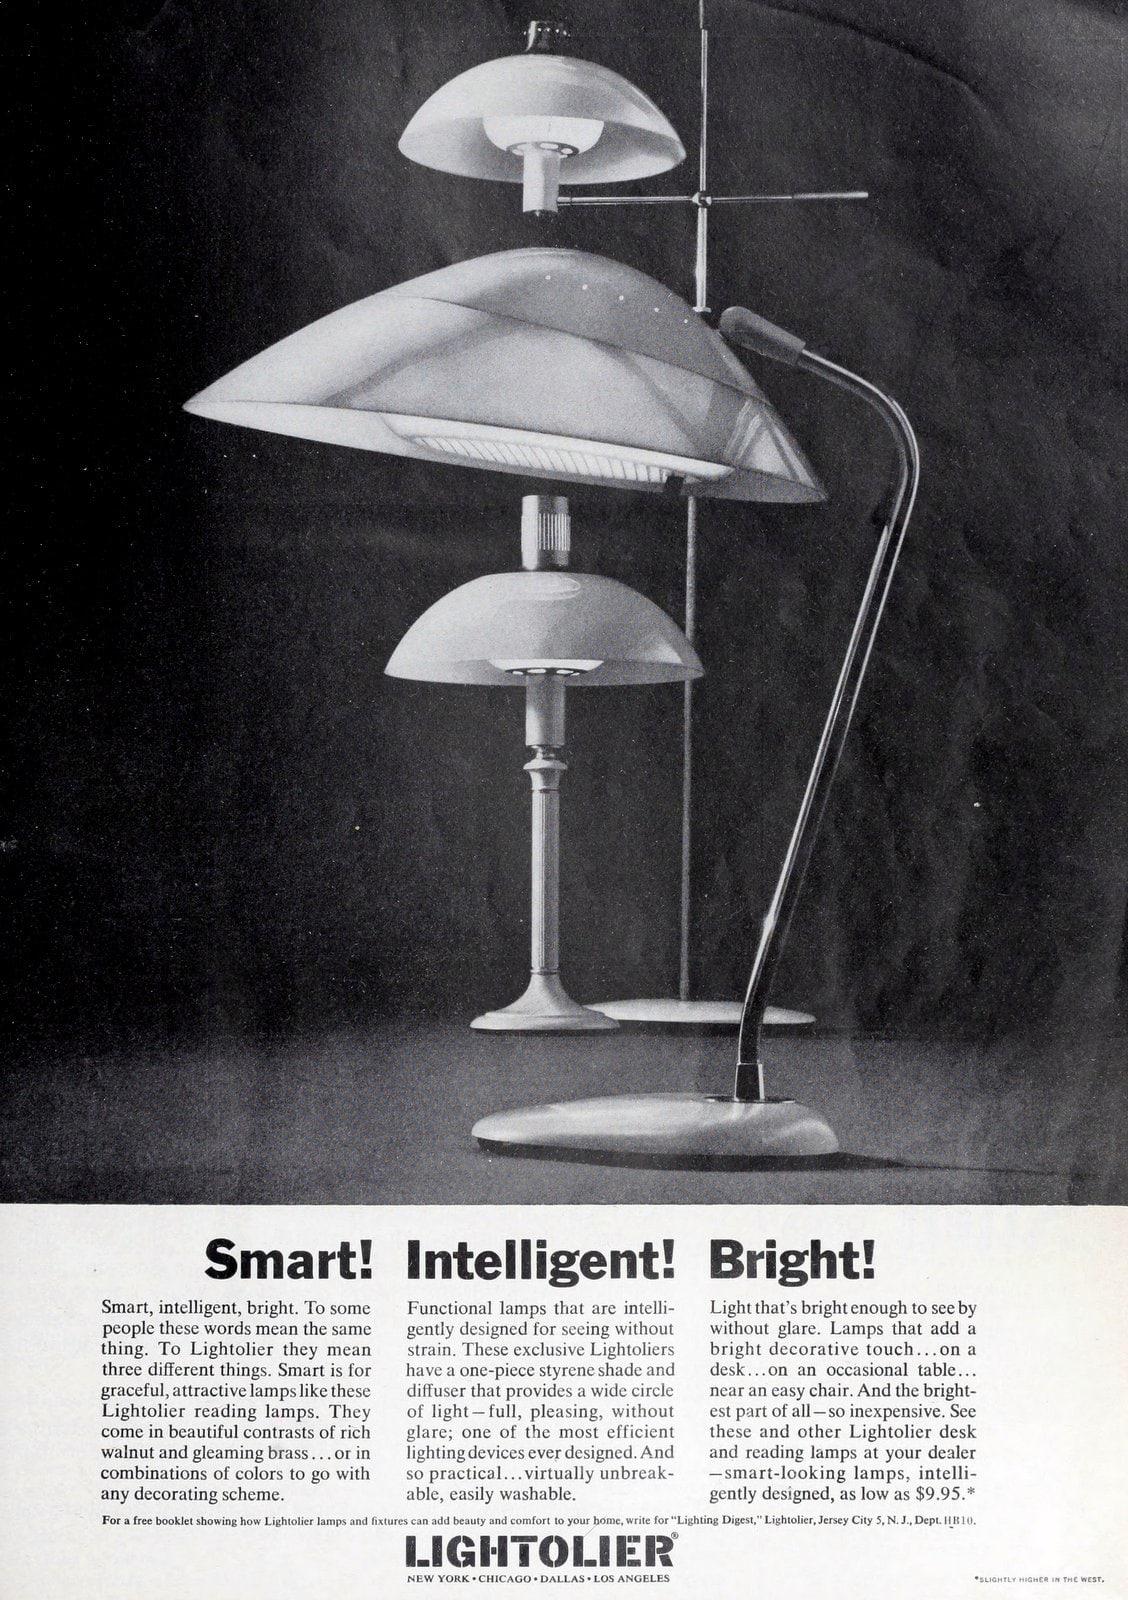 Vintage Lightolier desk lamps (1962)